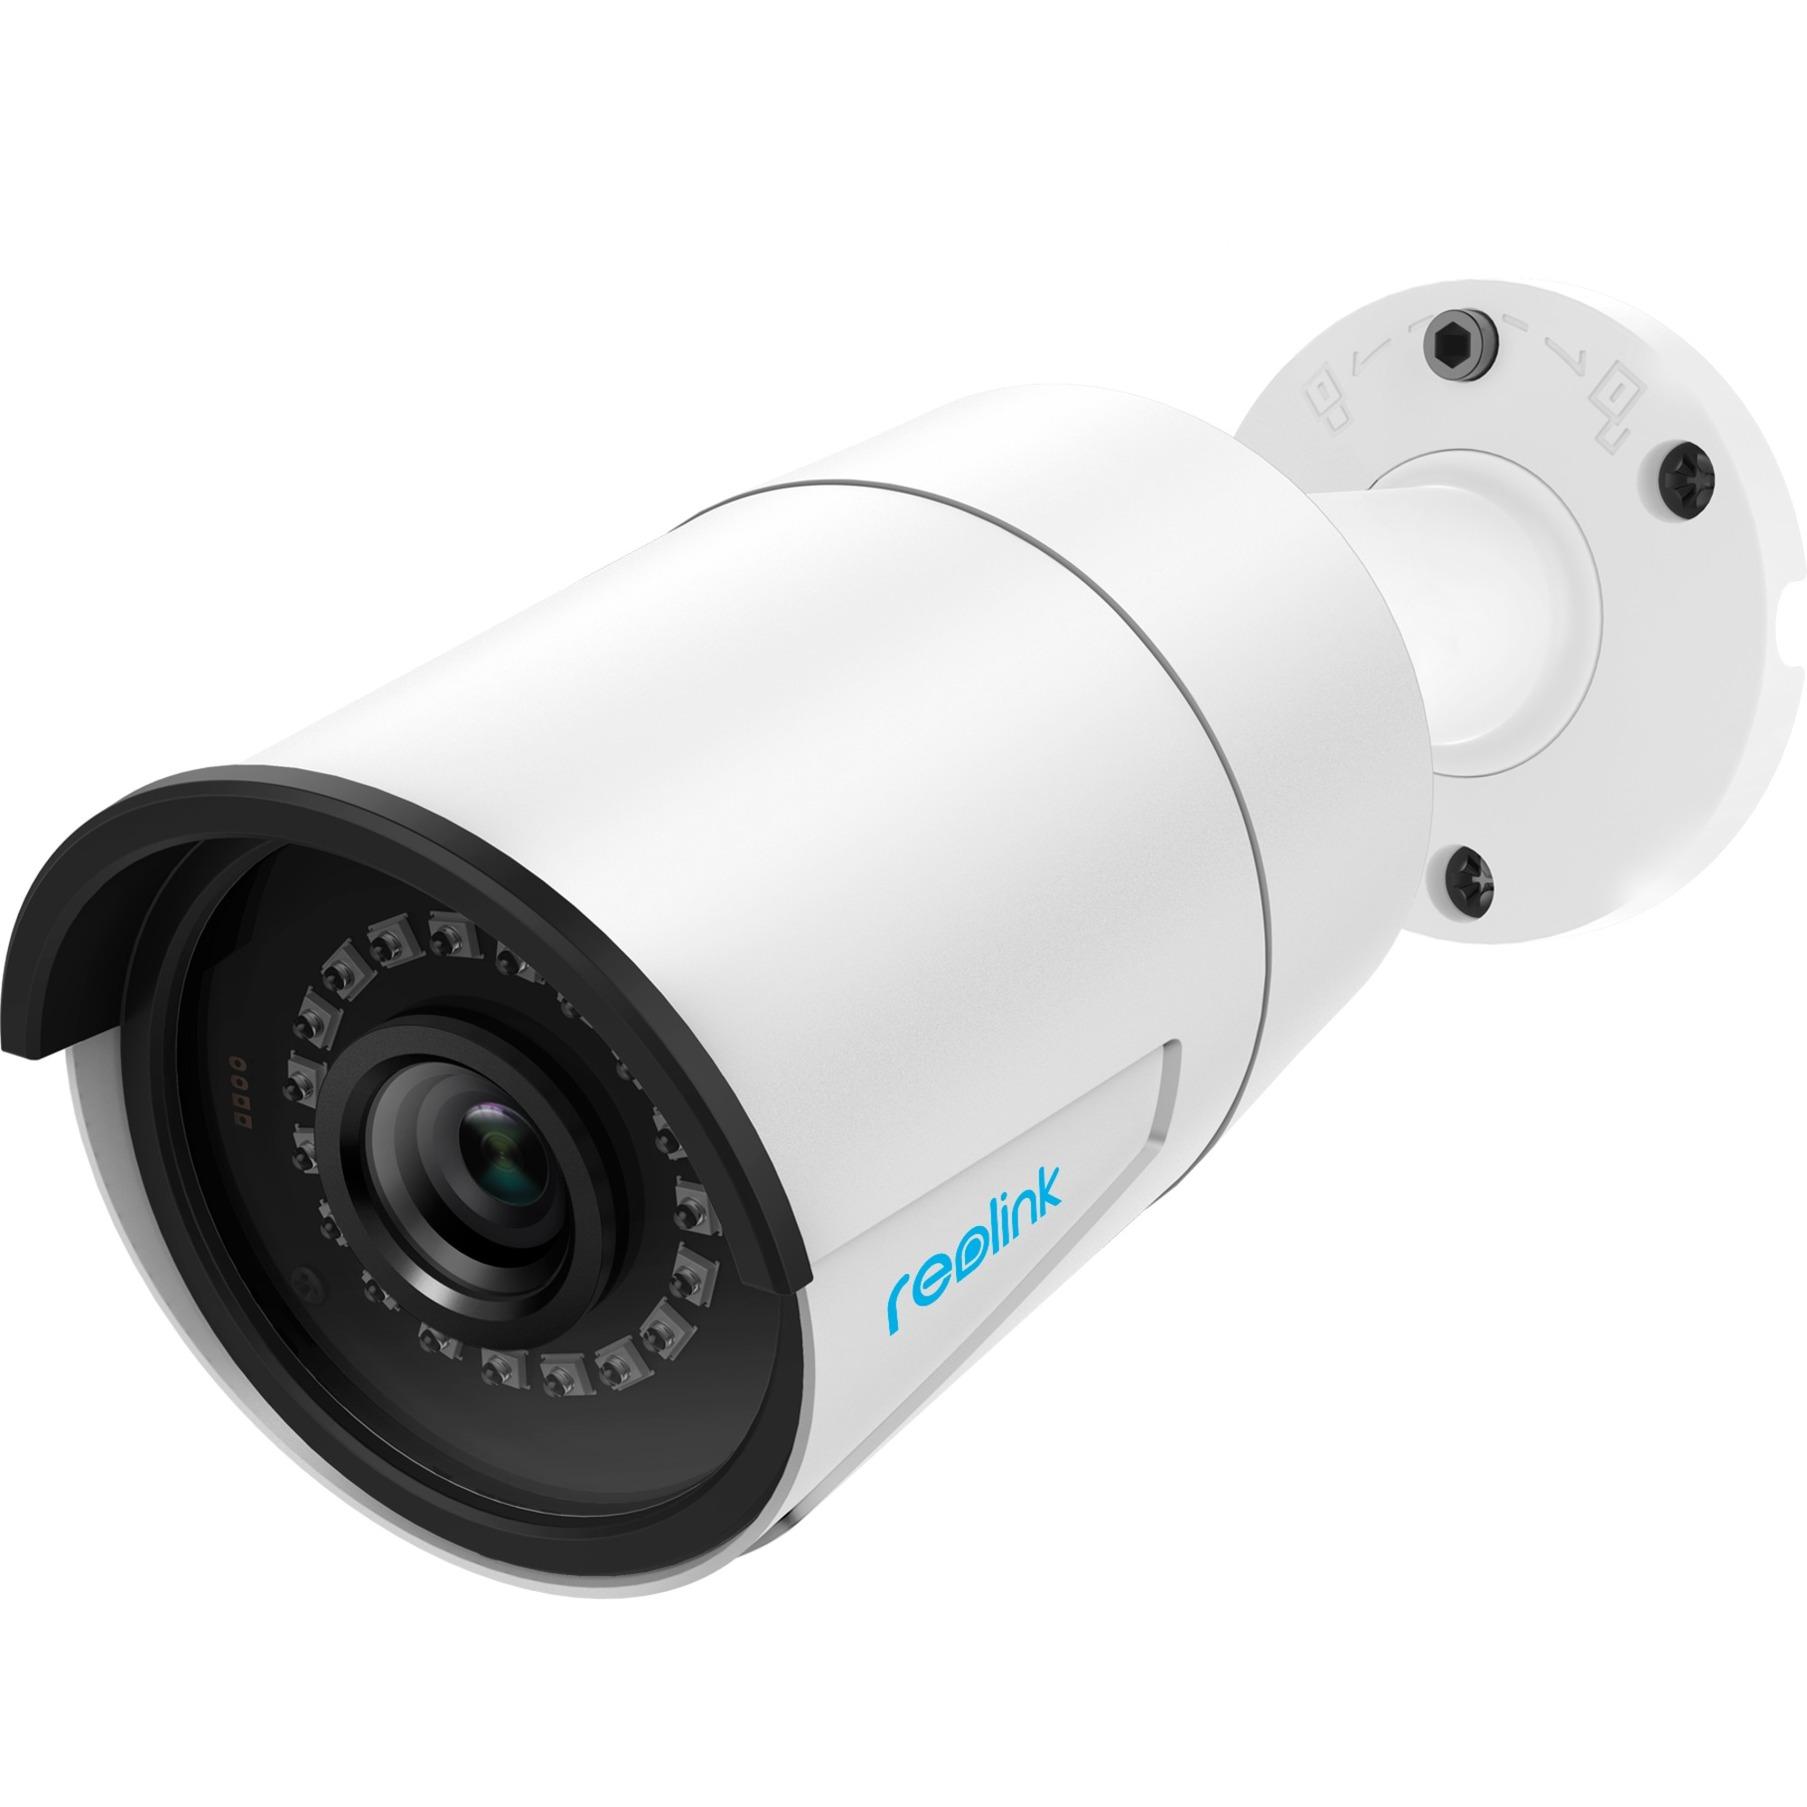 RLC-410 cámara de vigilancia Cámara de seguridad IP Interior y exterior Bala Pared 2560 x 1440 Pixeles